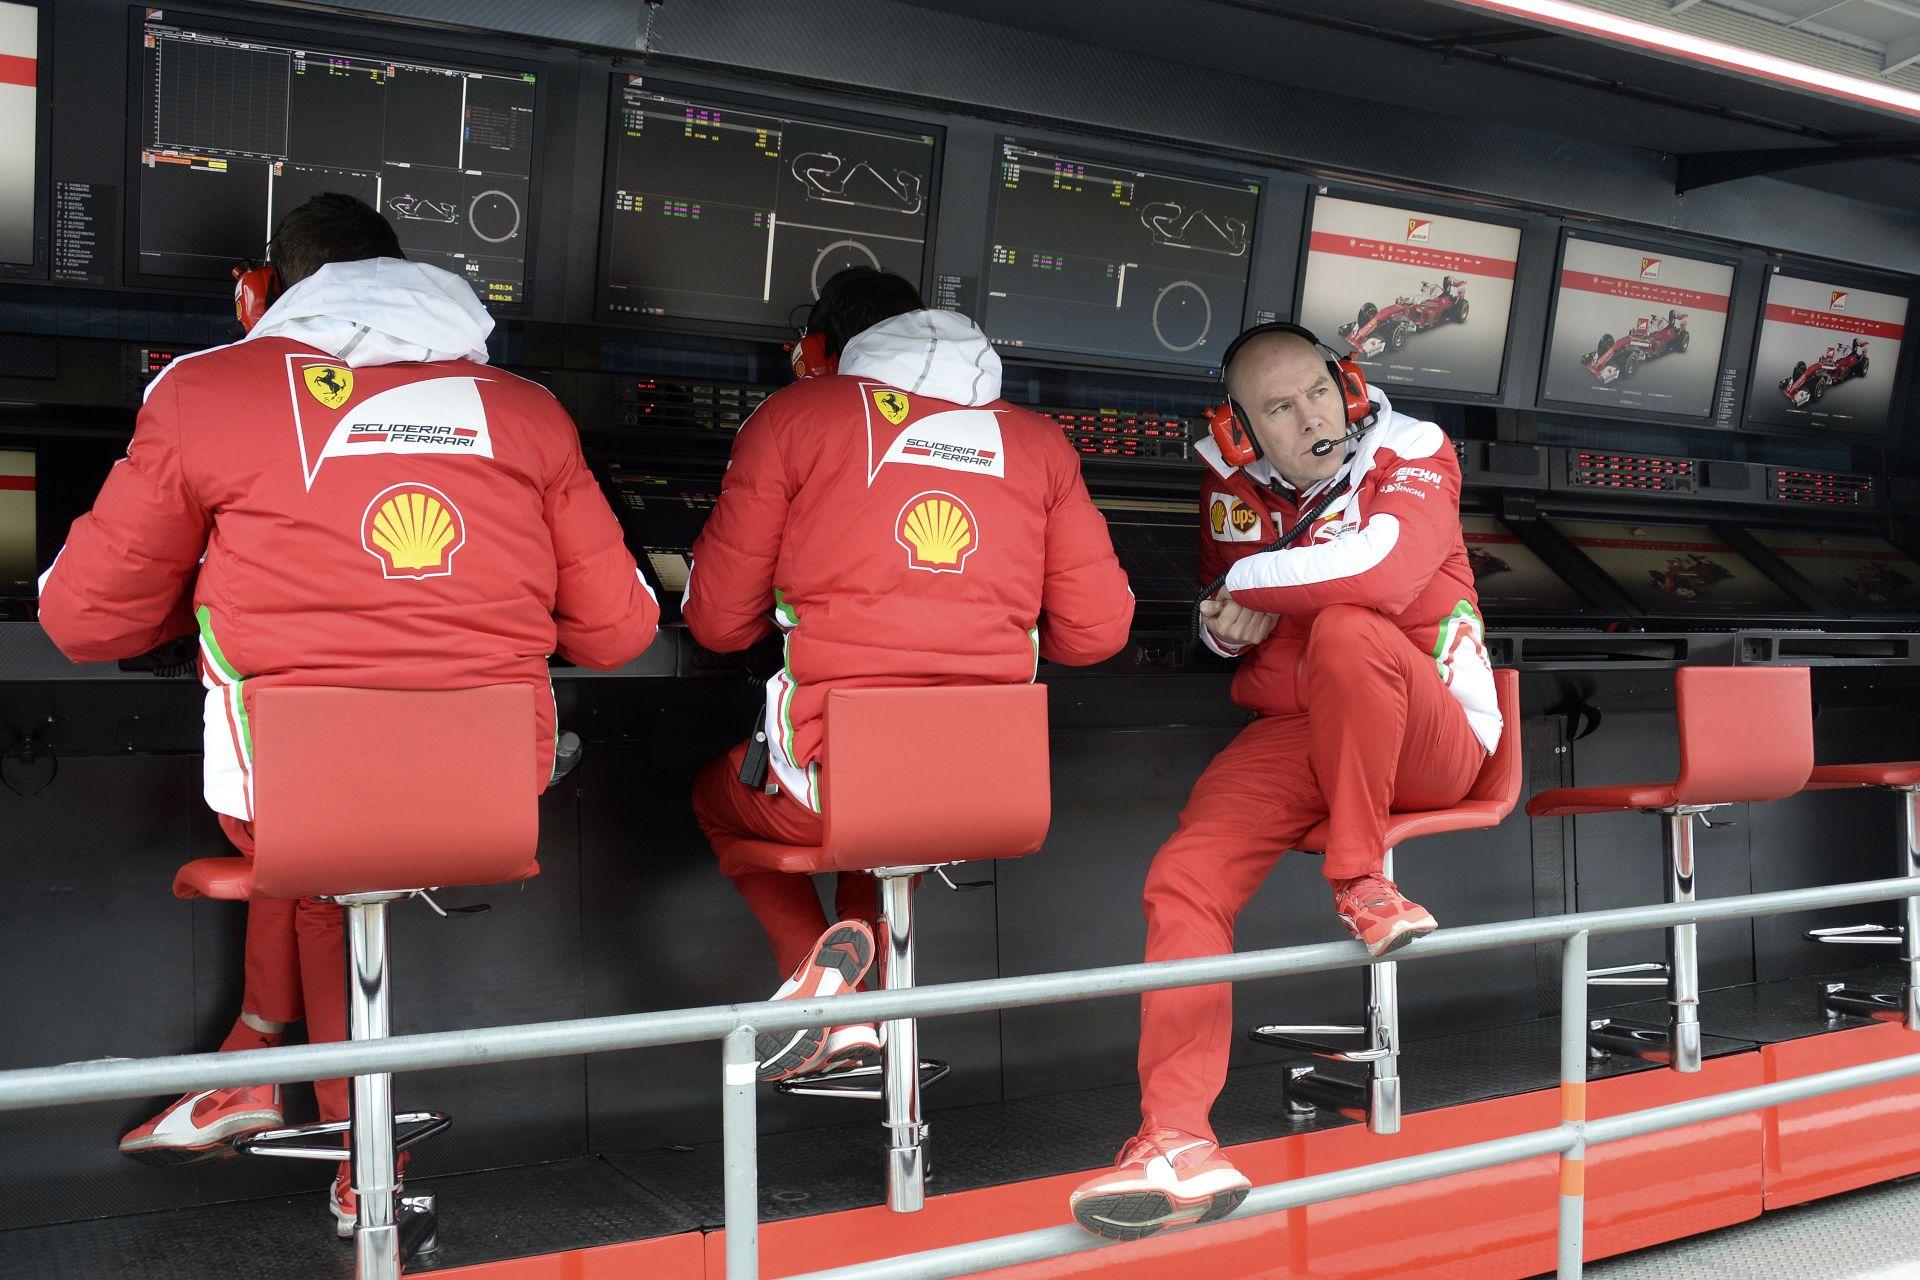 A Ferrari csapatfőnökének jobban tetszett Räikkönen lágy köre, mint az ultralágy